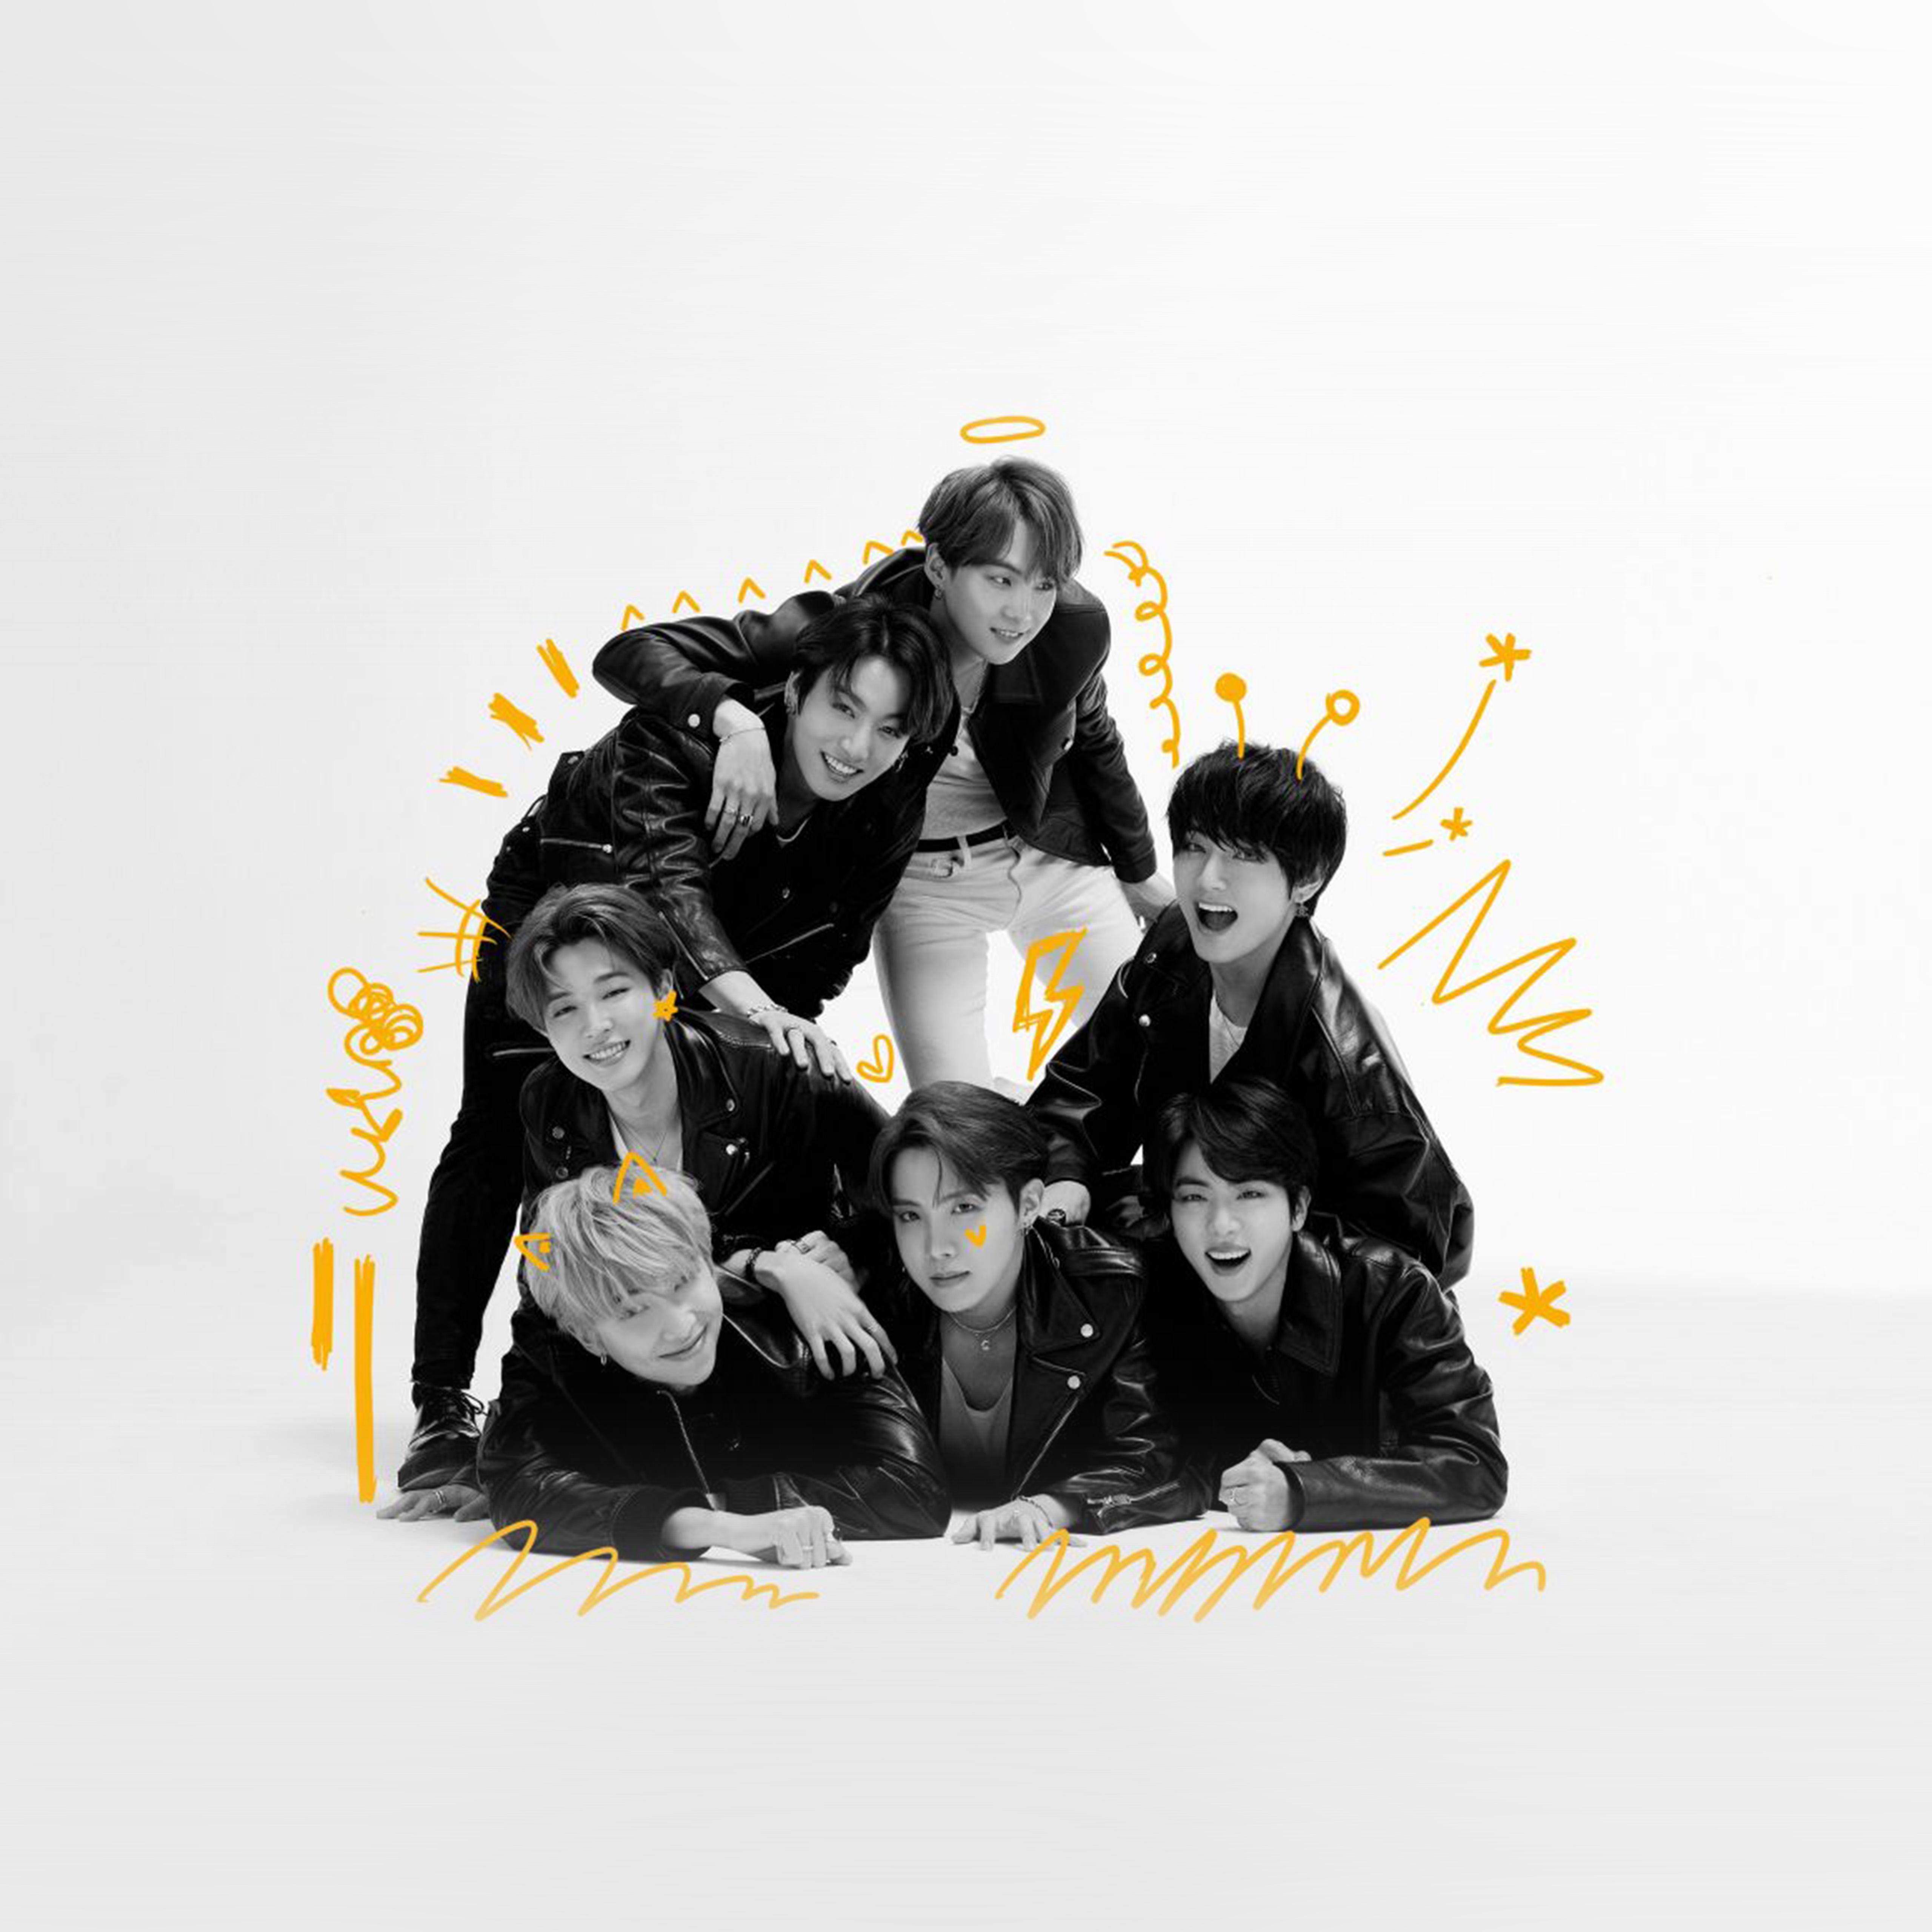 hu20 bts group music kpop wallpaper